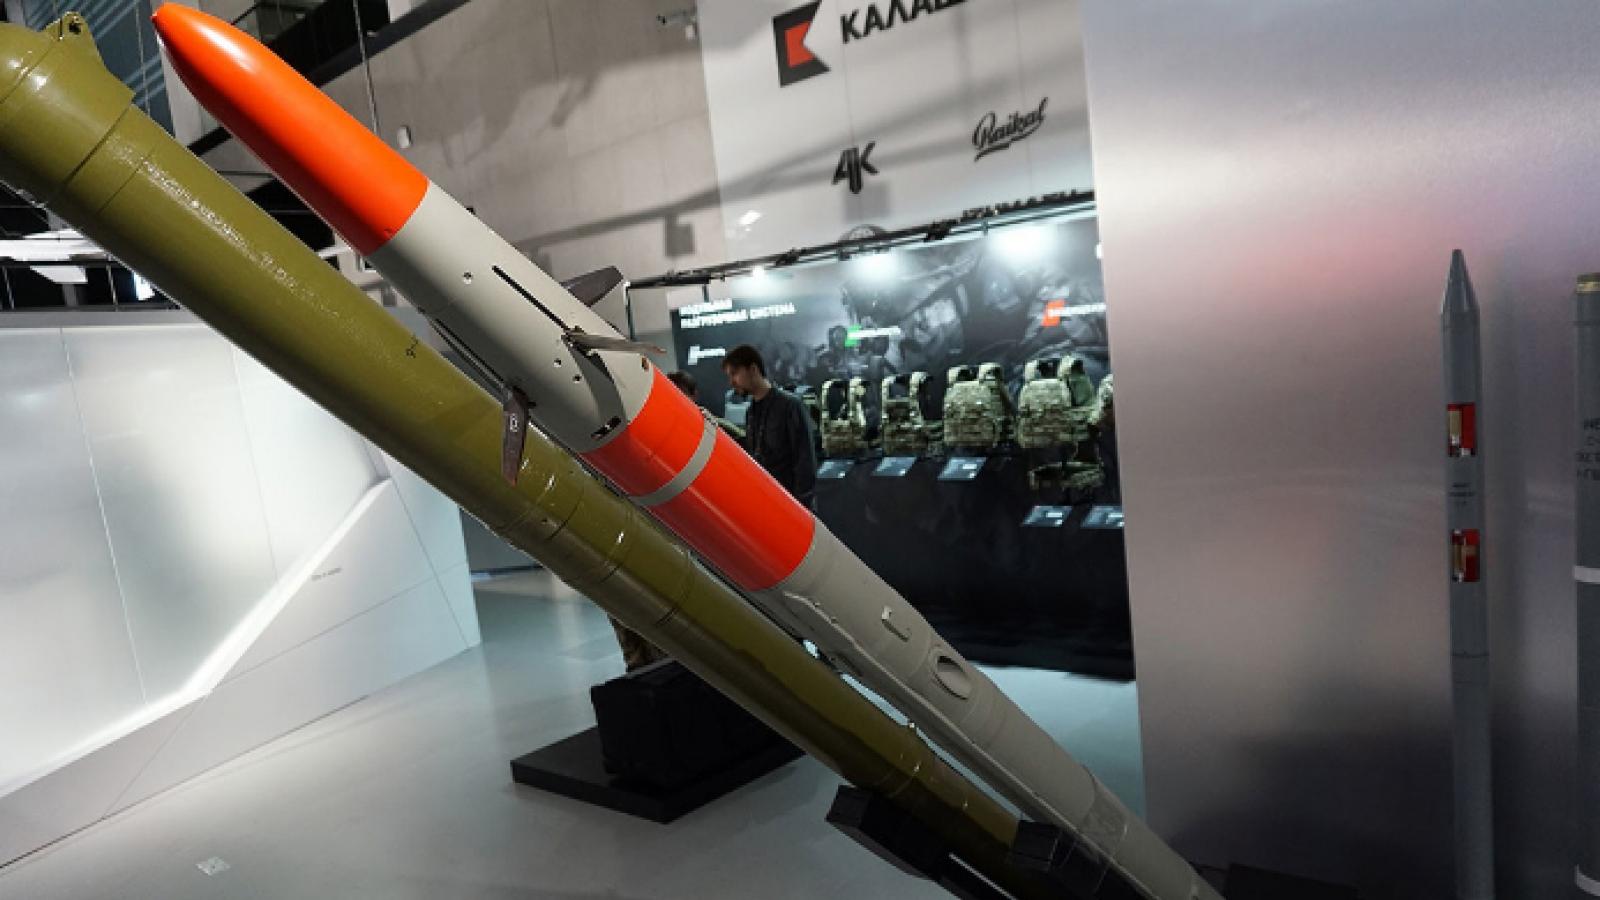 Soi sức mạnh tên lửa Vihr-1 - sát thủ diệt tăng đáng gờm của Nga